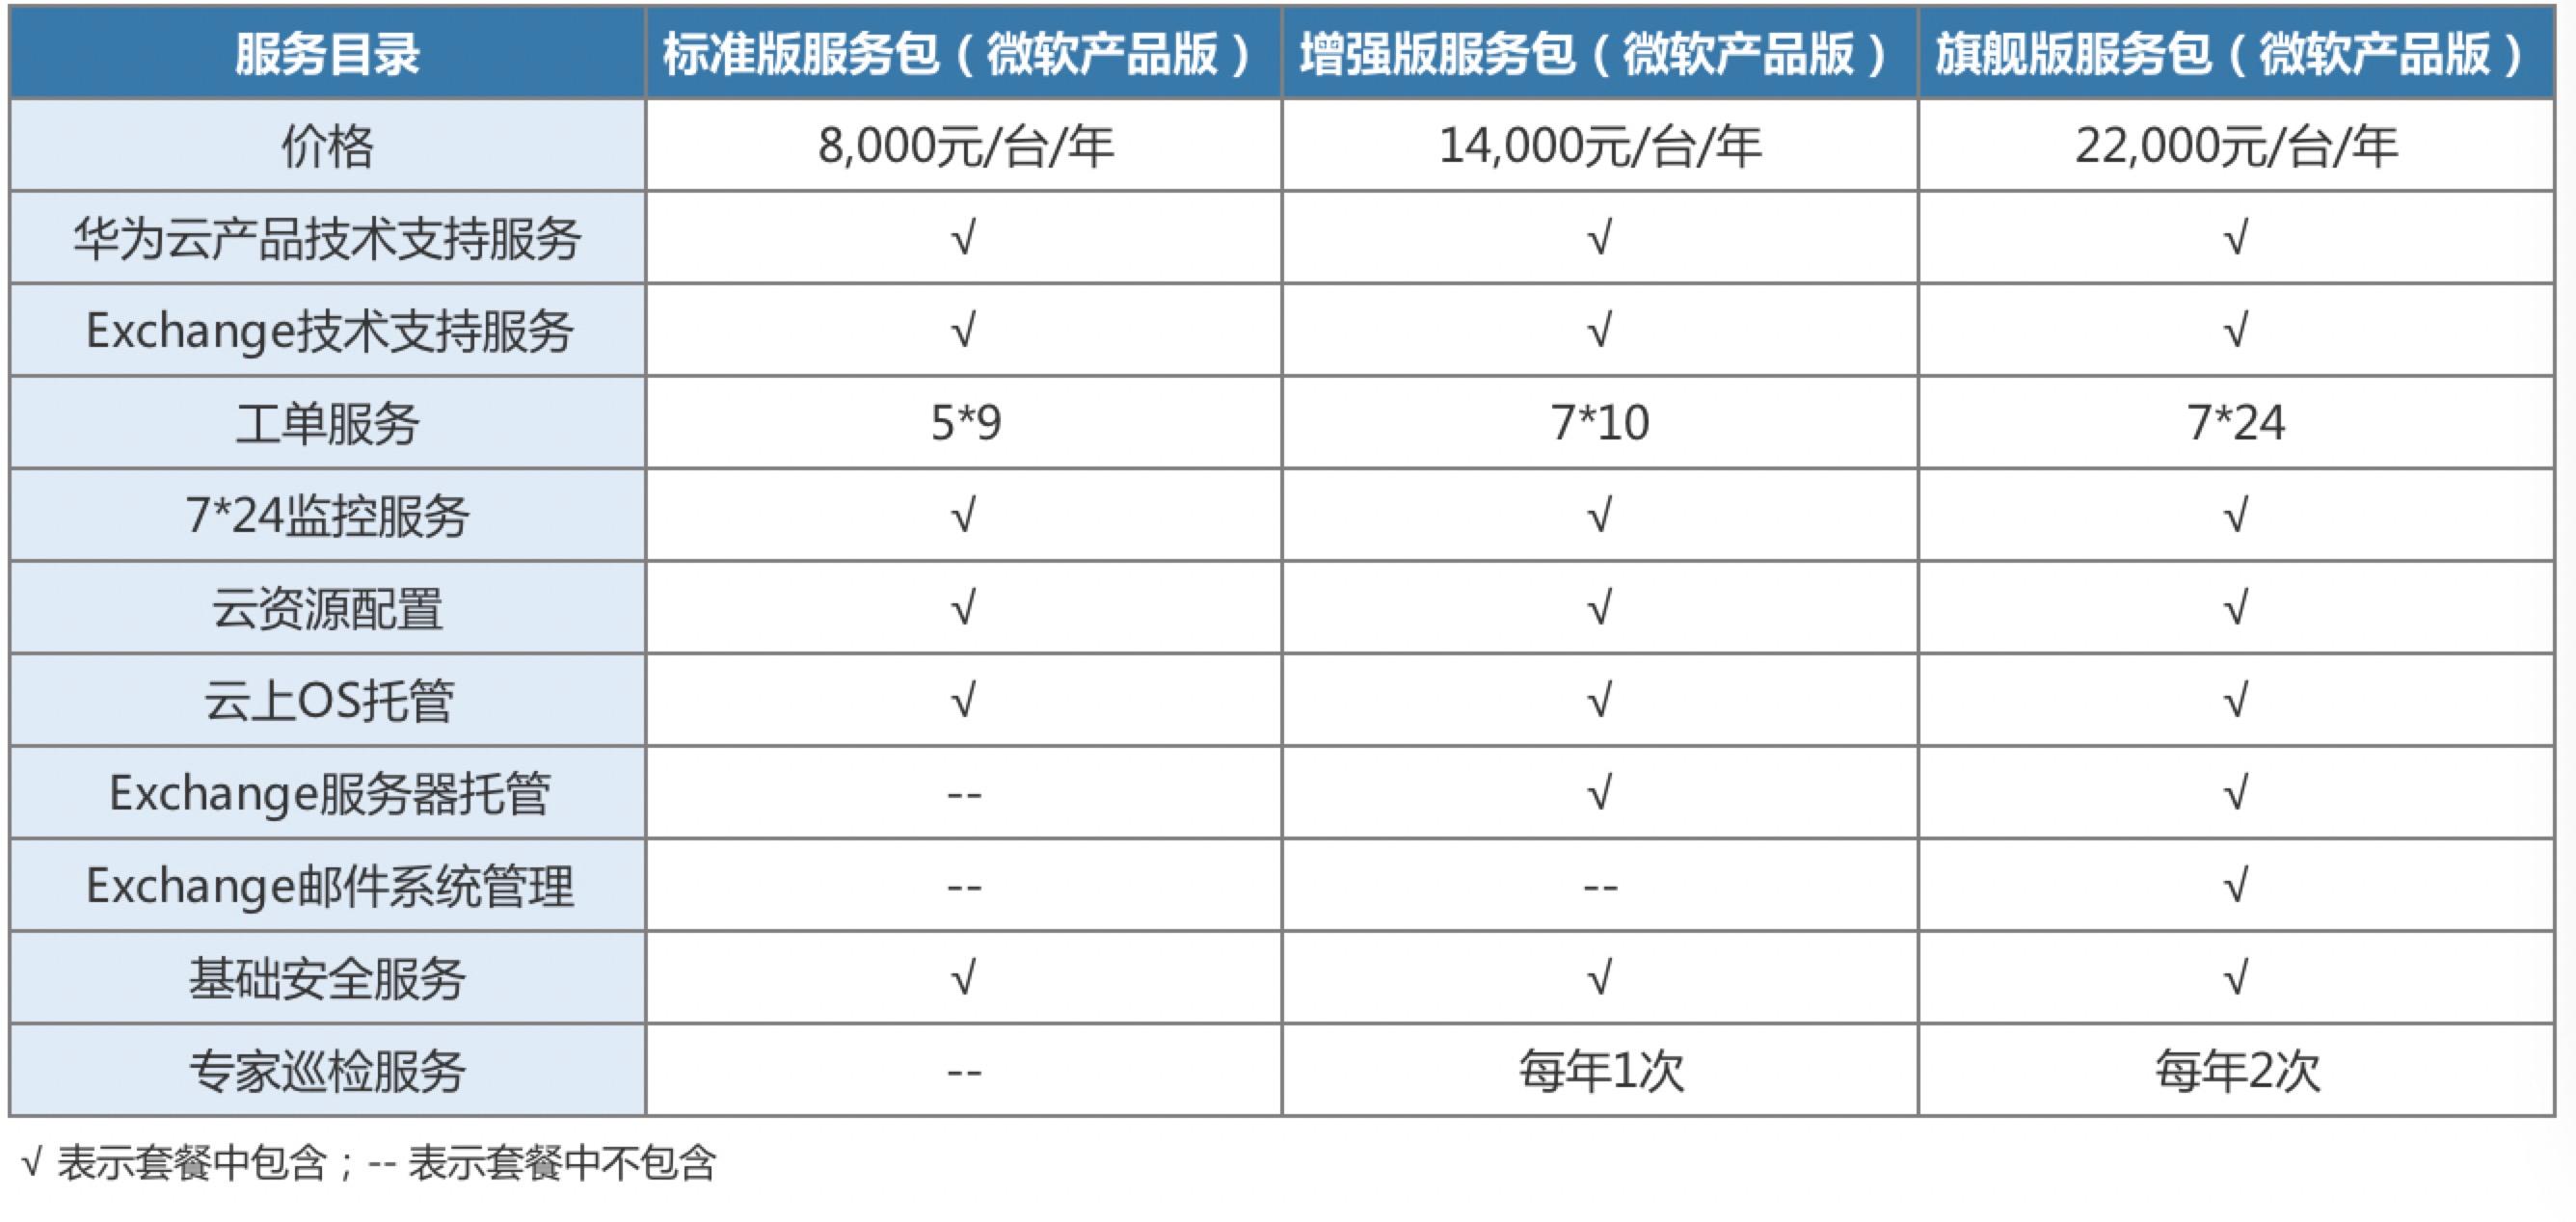 云管理服务微软01.jpg